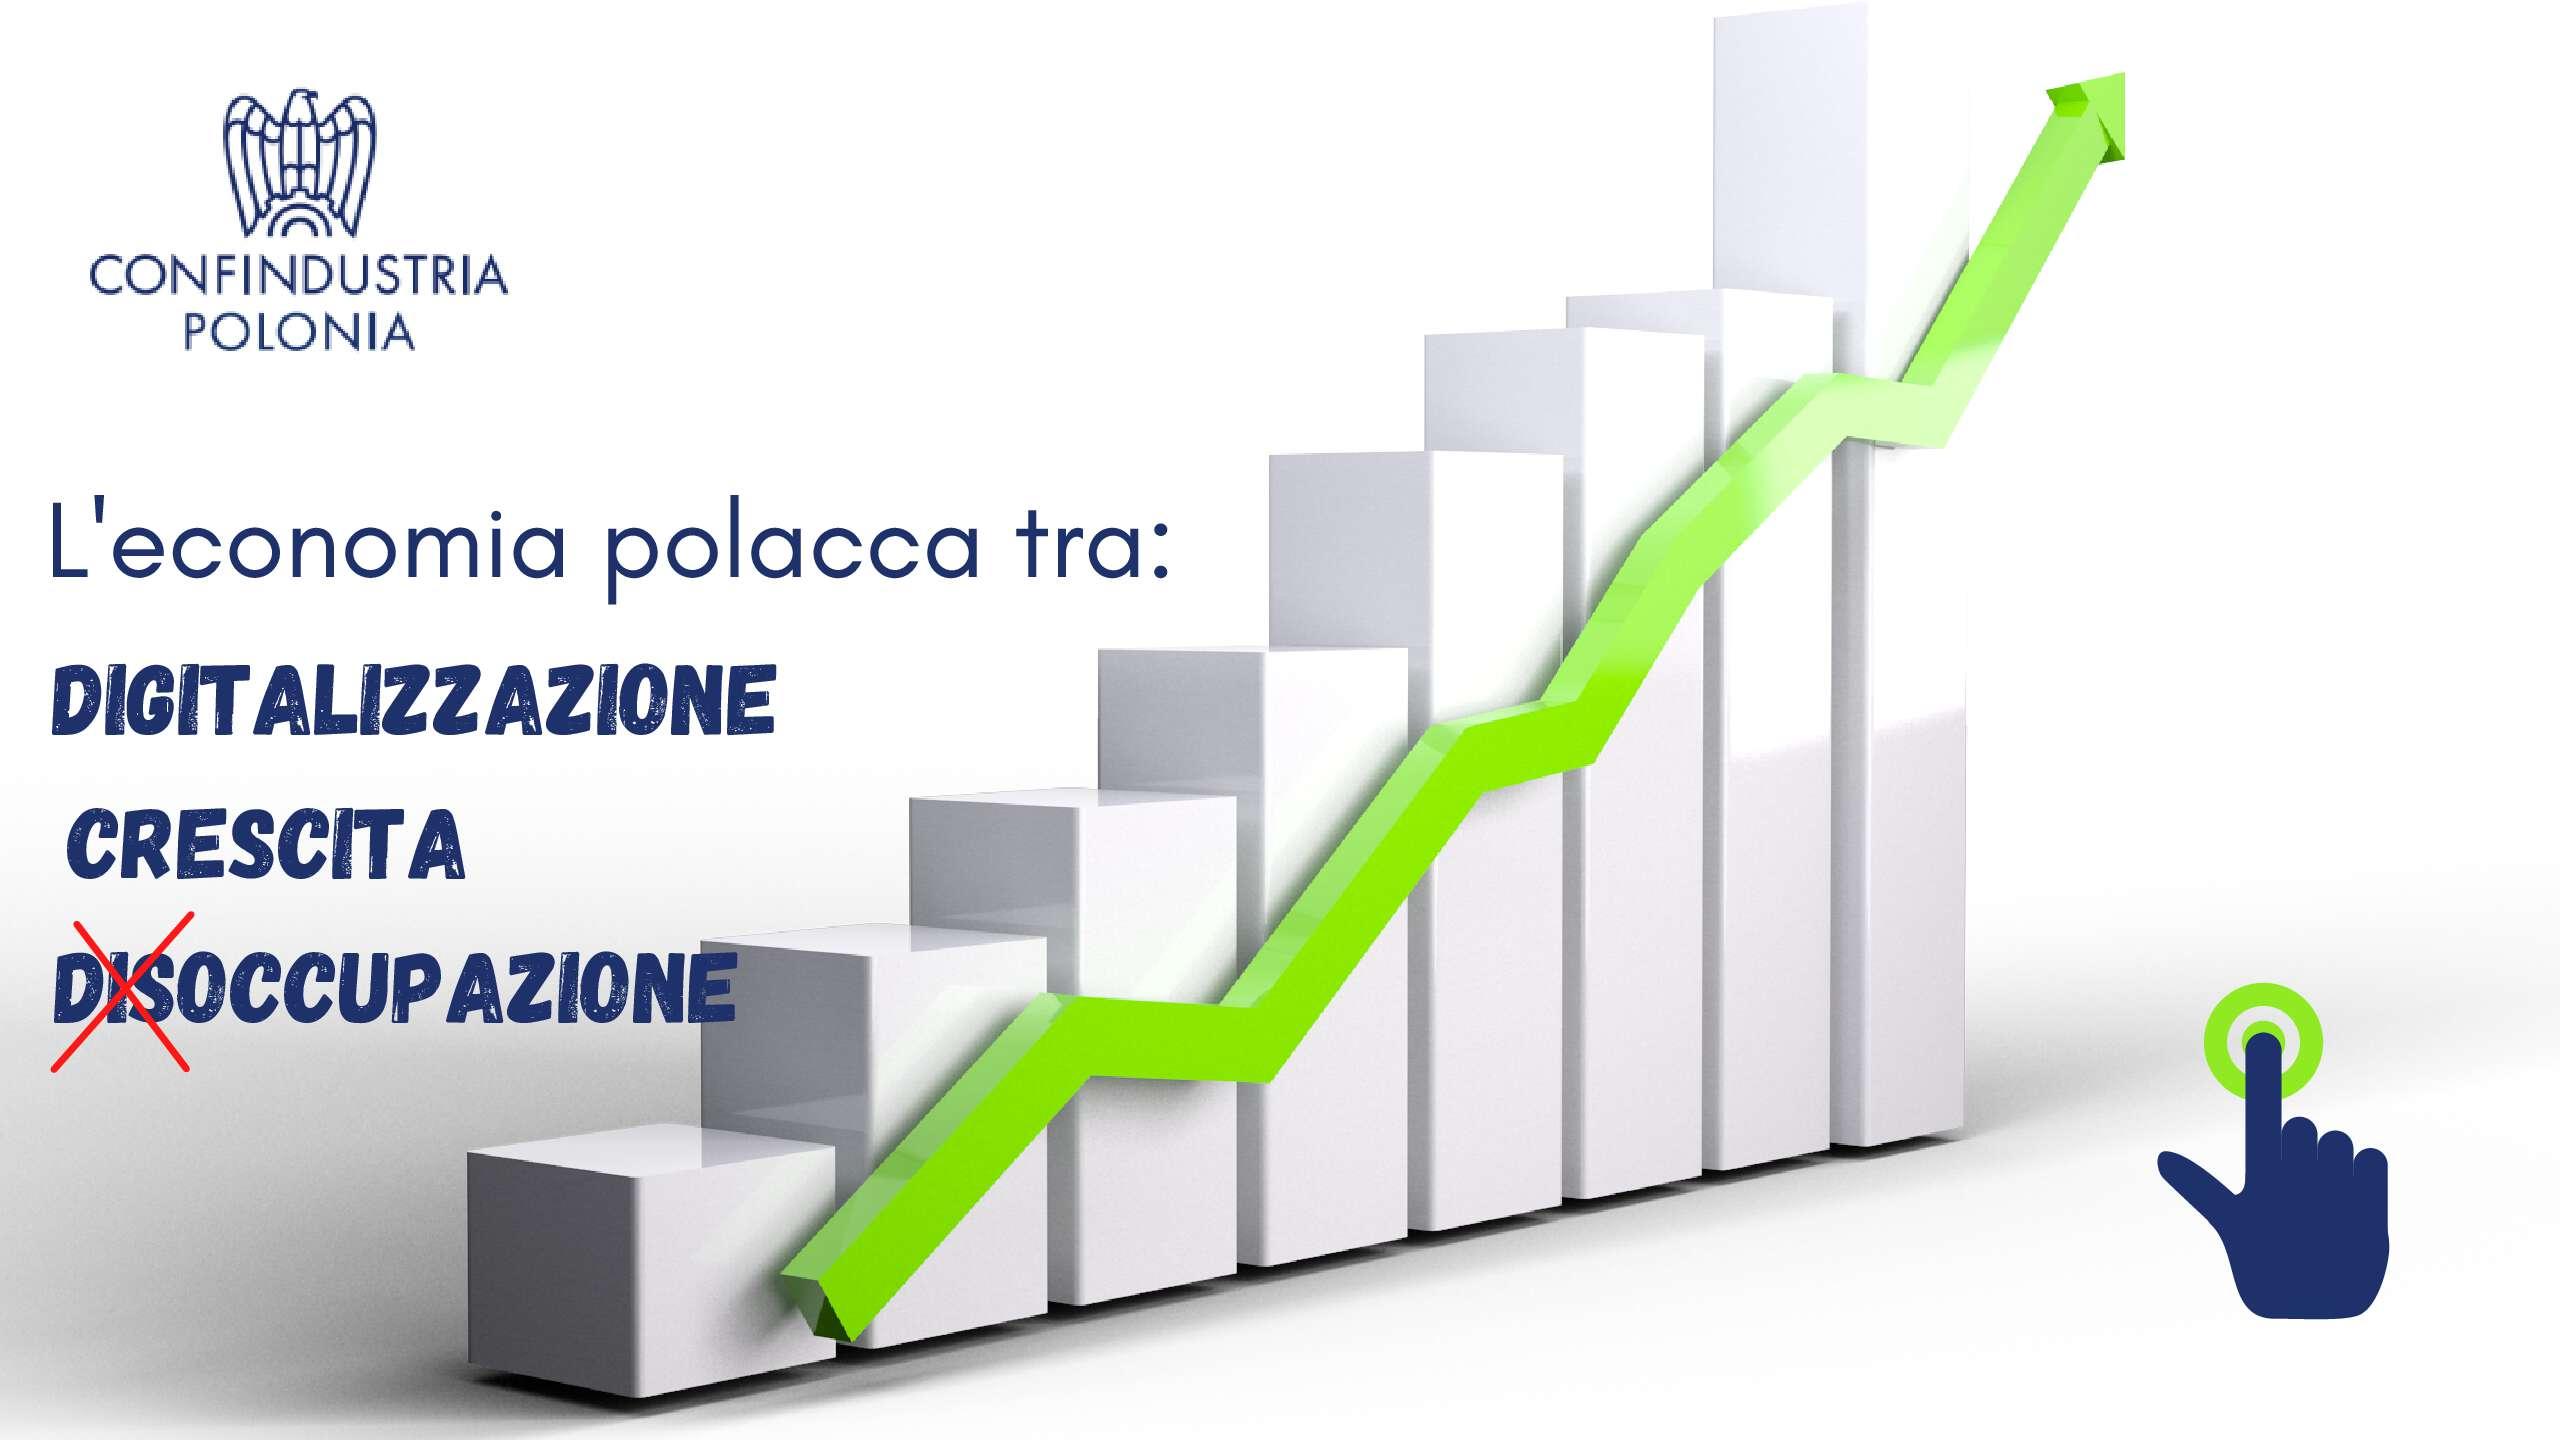 Trend polskiej gospodarki, pomiędzy cyfryzacją, wzrostem i bezrobociem (trend spadkowy)